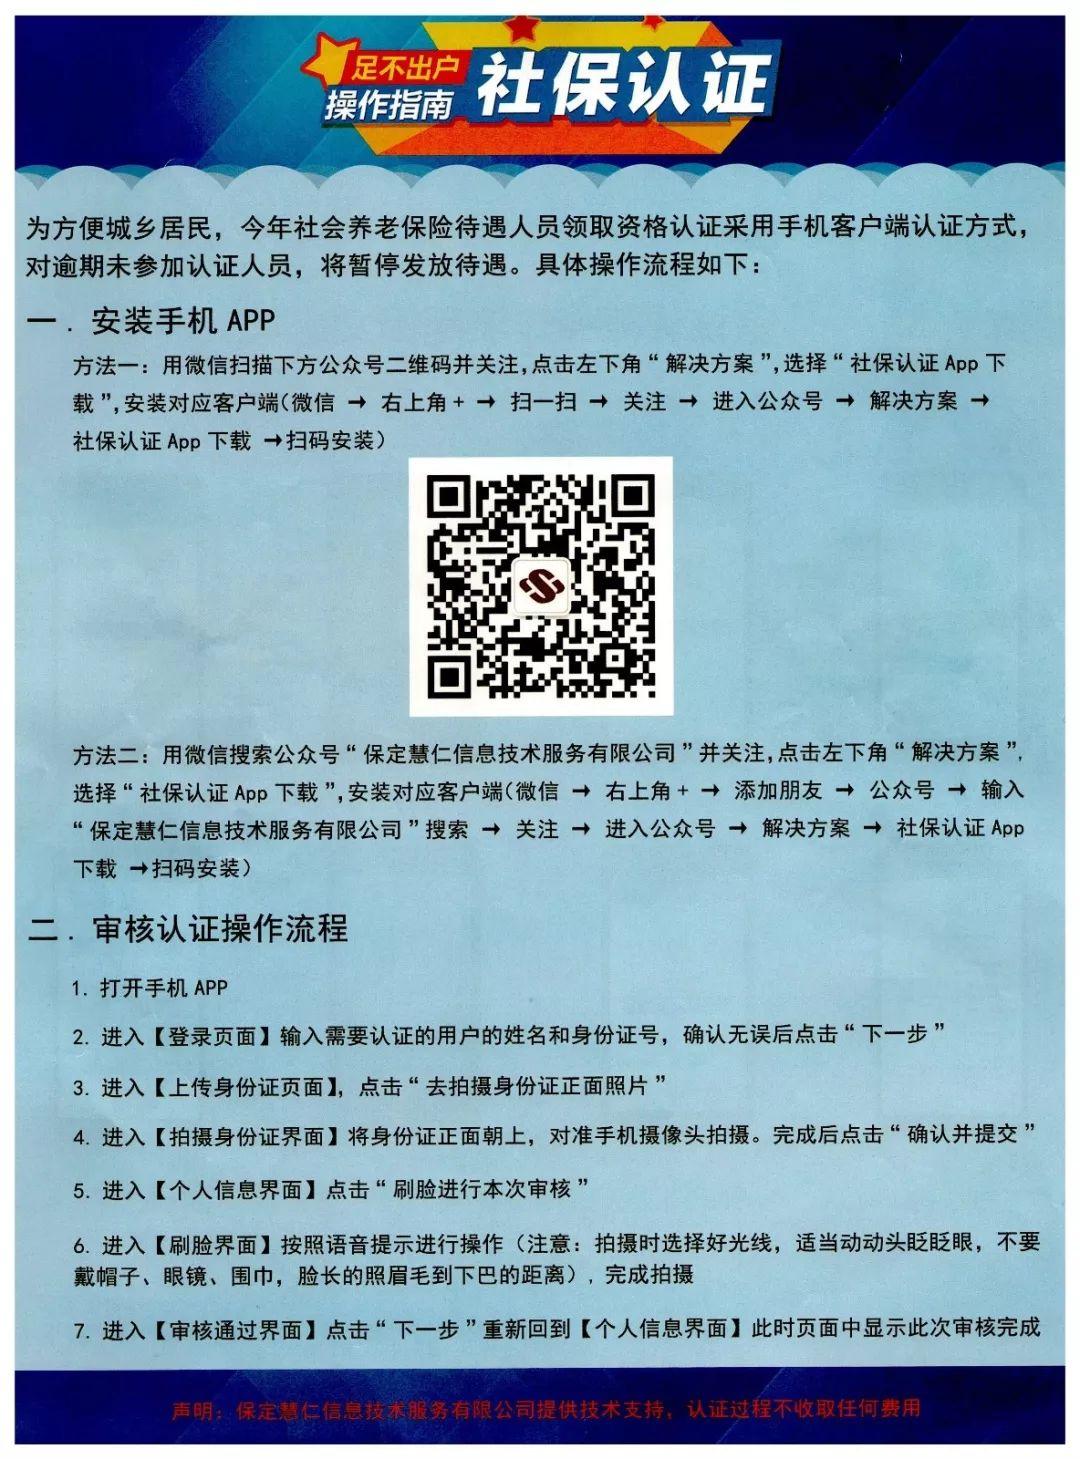 望都县机关、企事业单位社保待遇生物识别认证操作指南